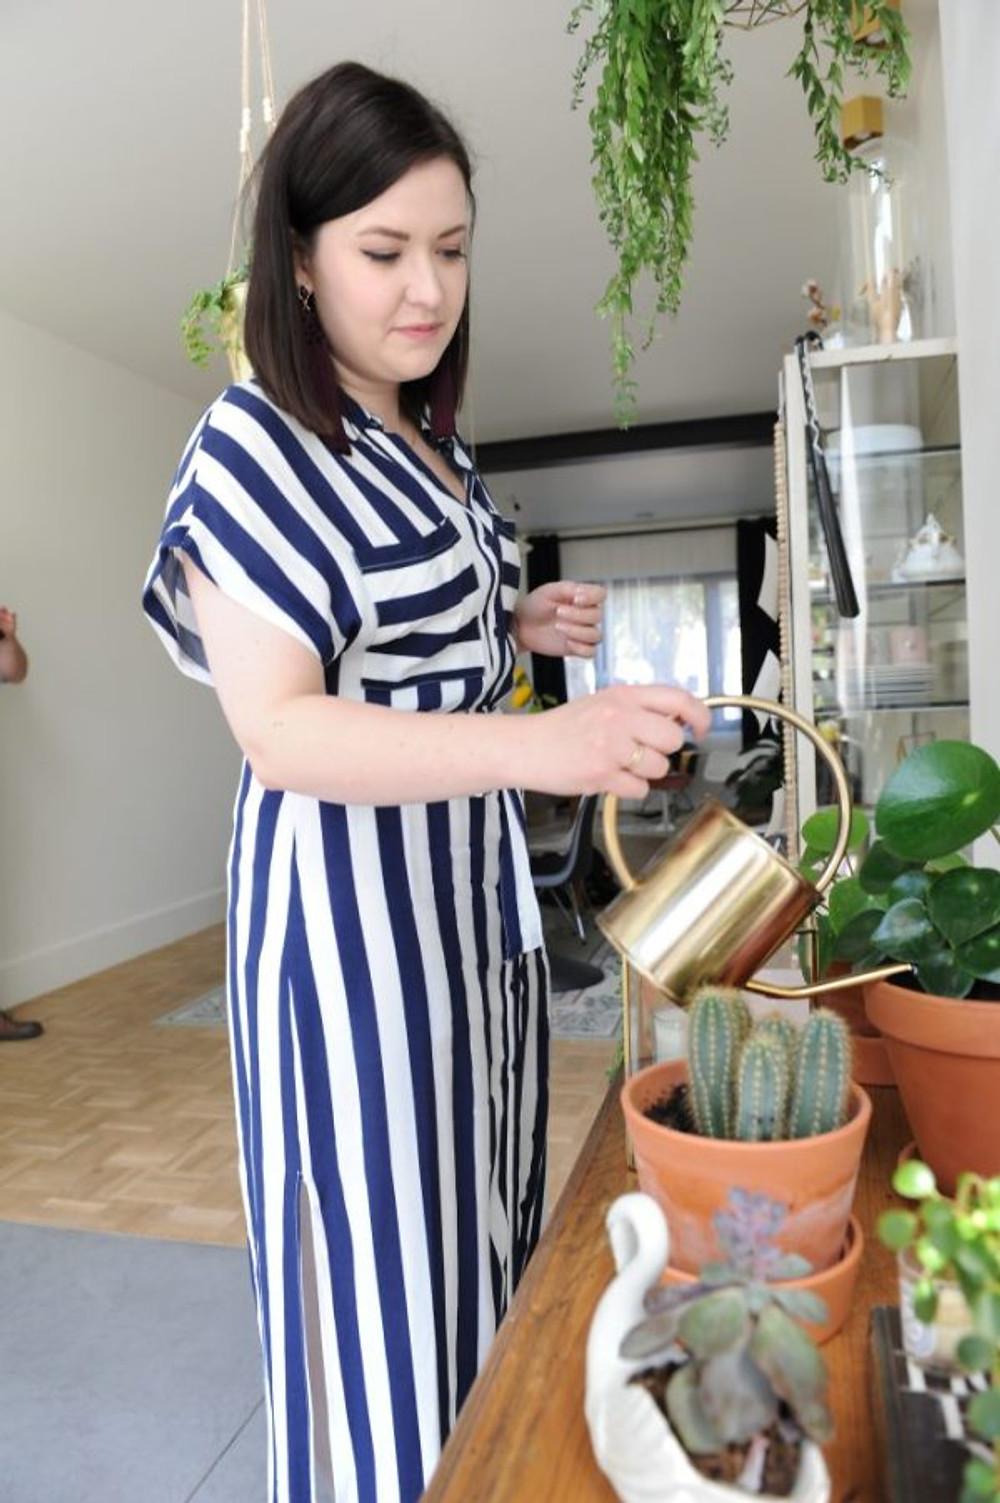 Karolien begiet haar kamerplantjes.